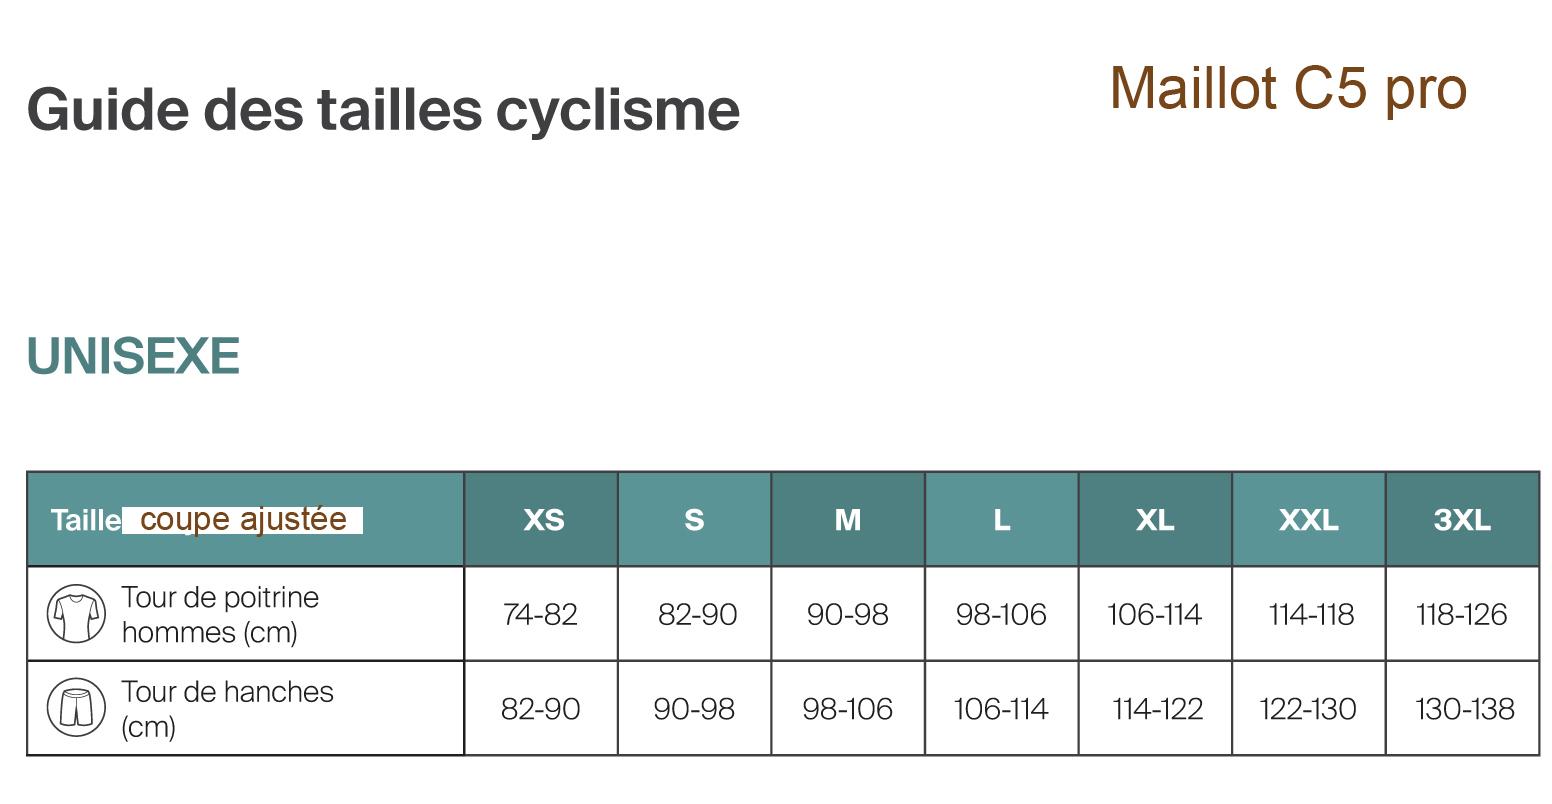 Guide des tailles maillot cyclisme c5 pro